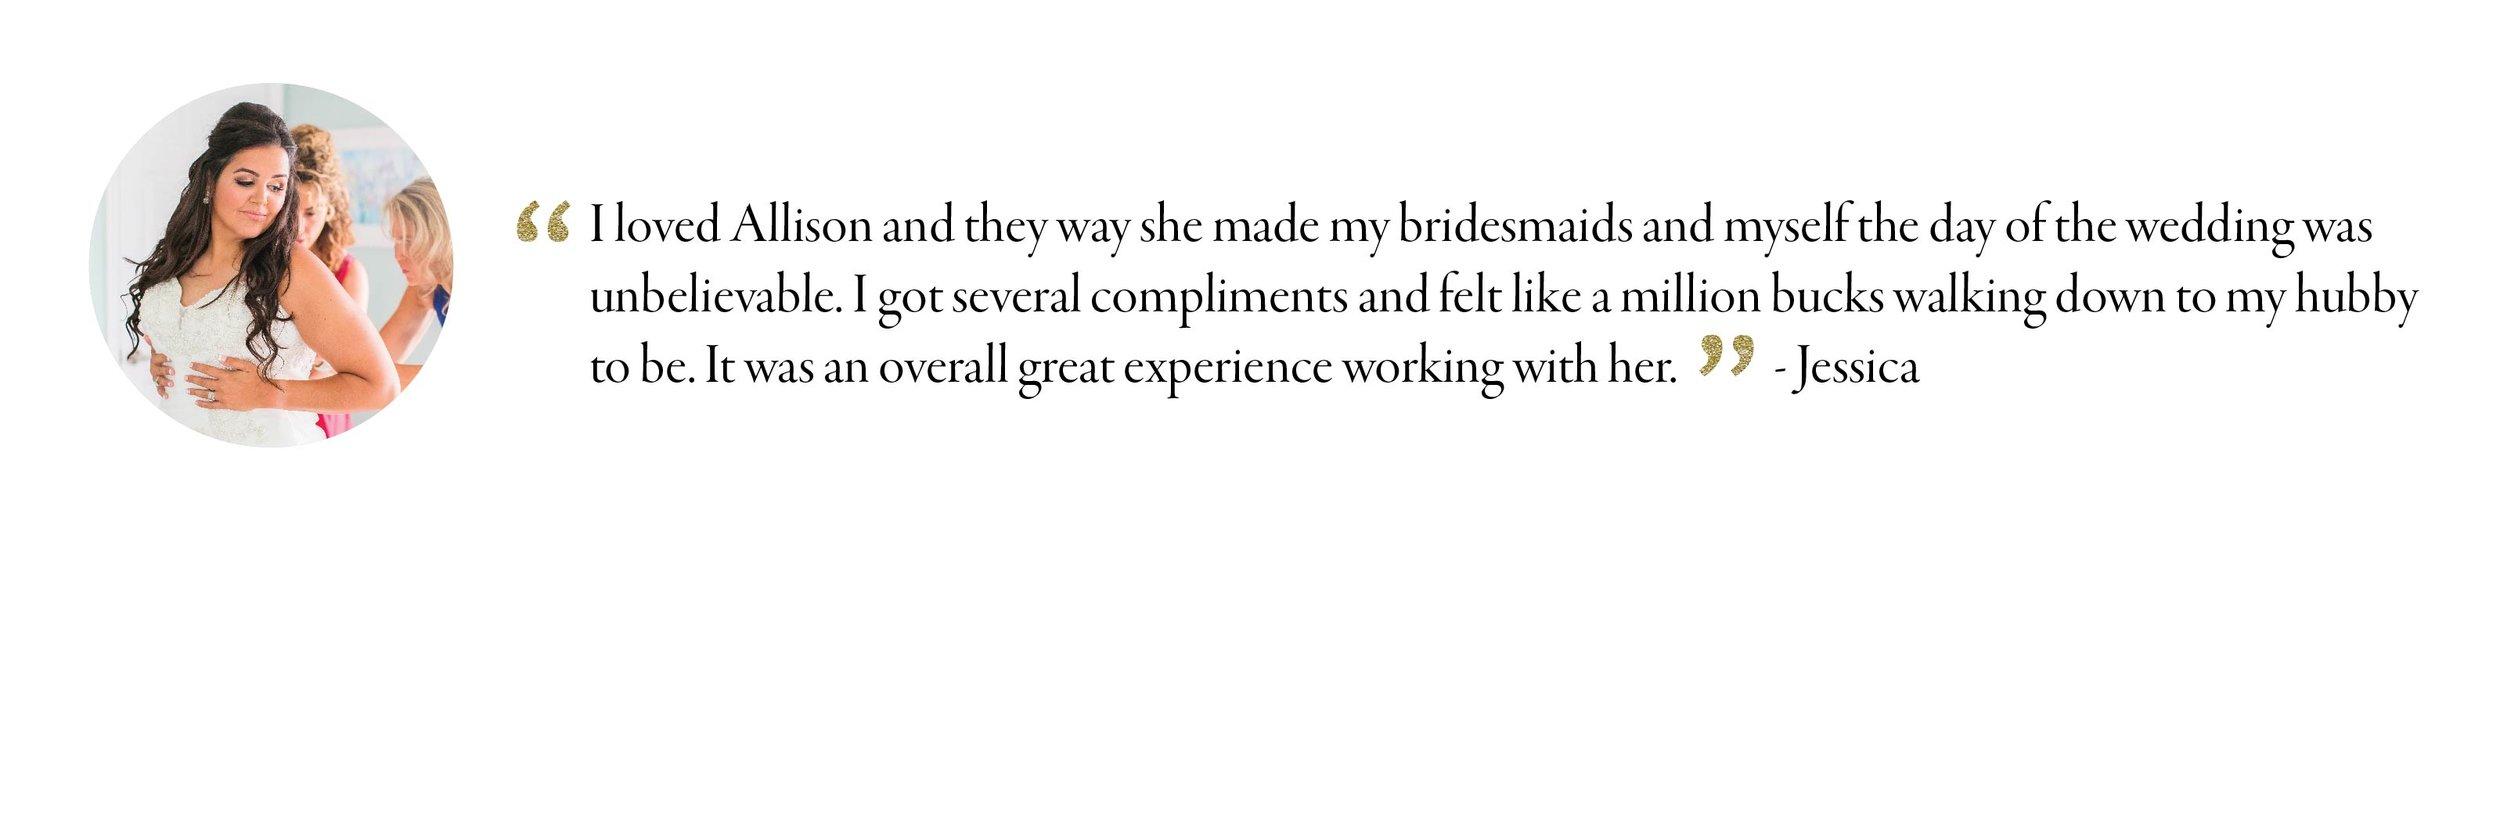 Wedding Wire Testimonial from Jessica.jpg